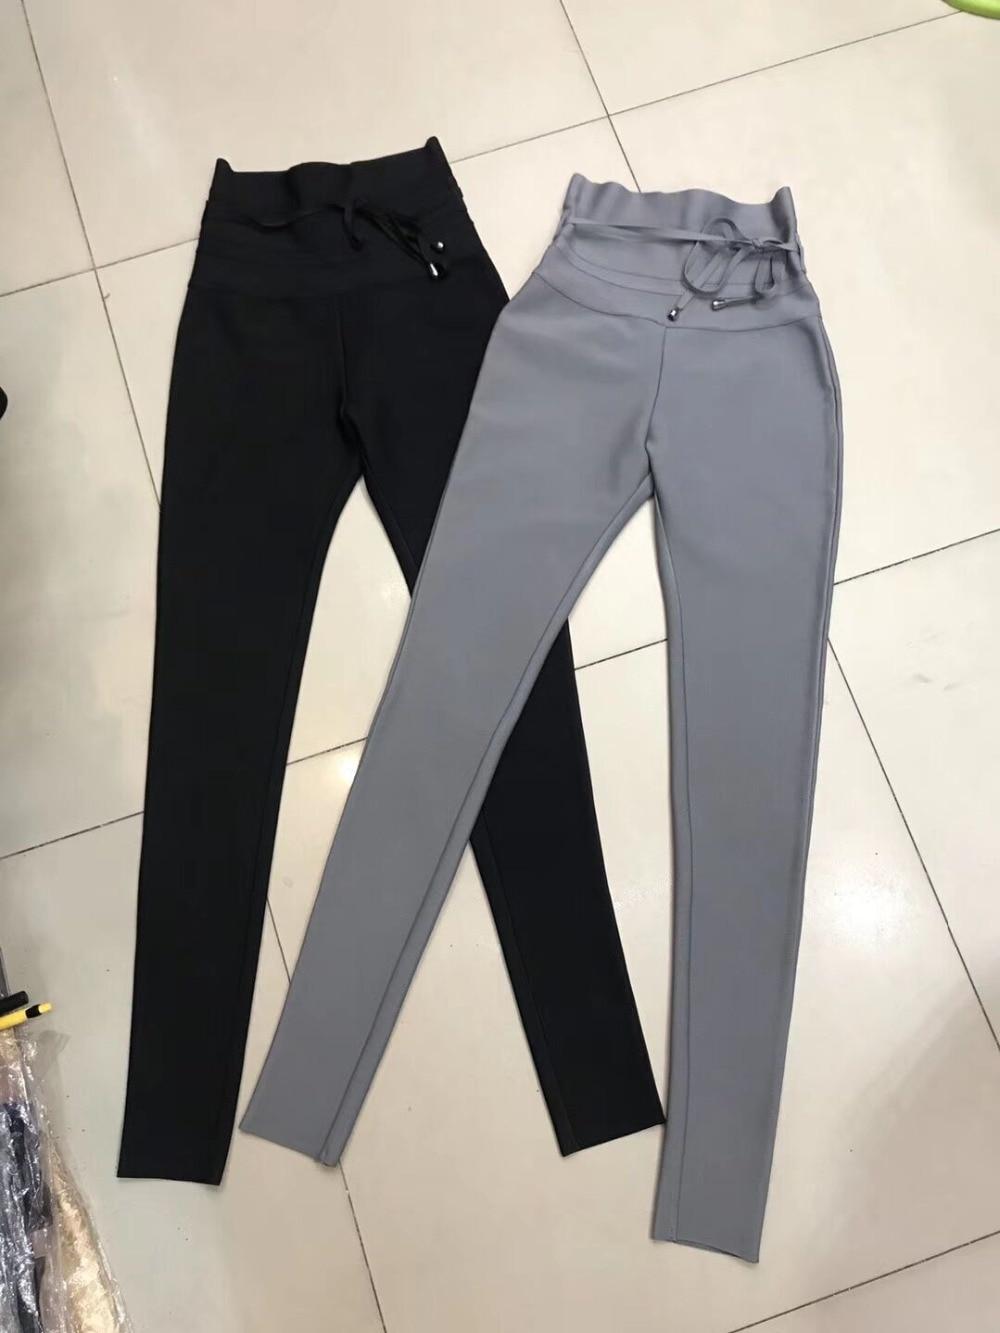 Gris Calidad Damas De Color Pantalones Y Alta Negro Vendaje Longitud Alta Lápiz Hl Completa Bodycon Sexy Cintura atxBFq55w